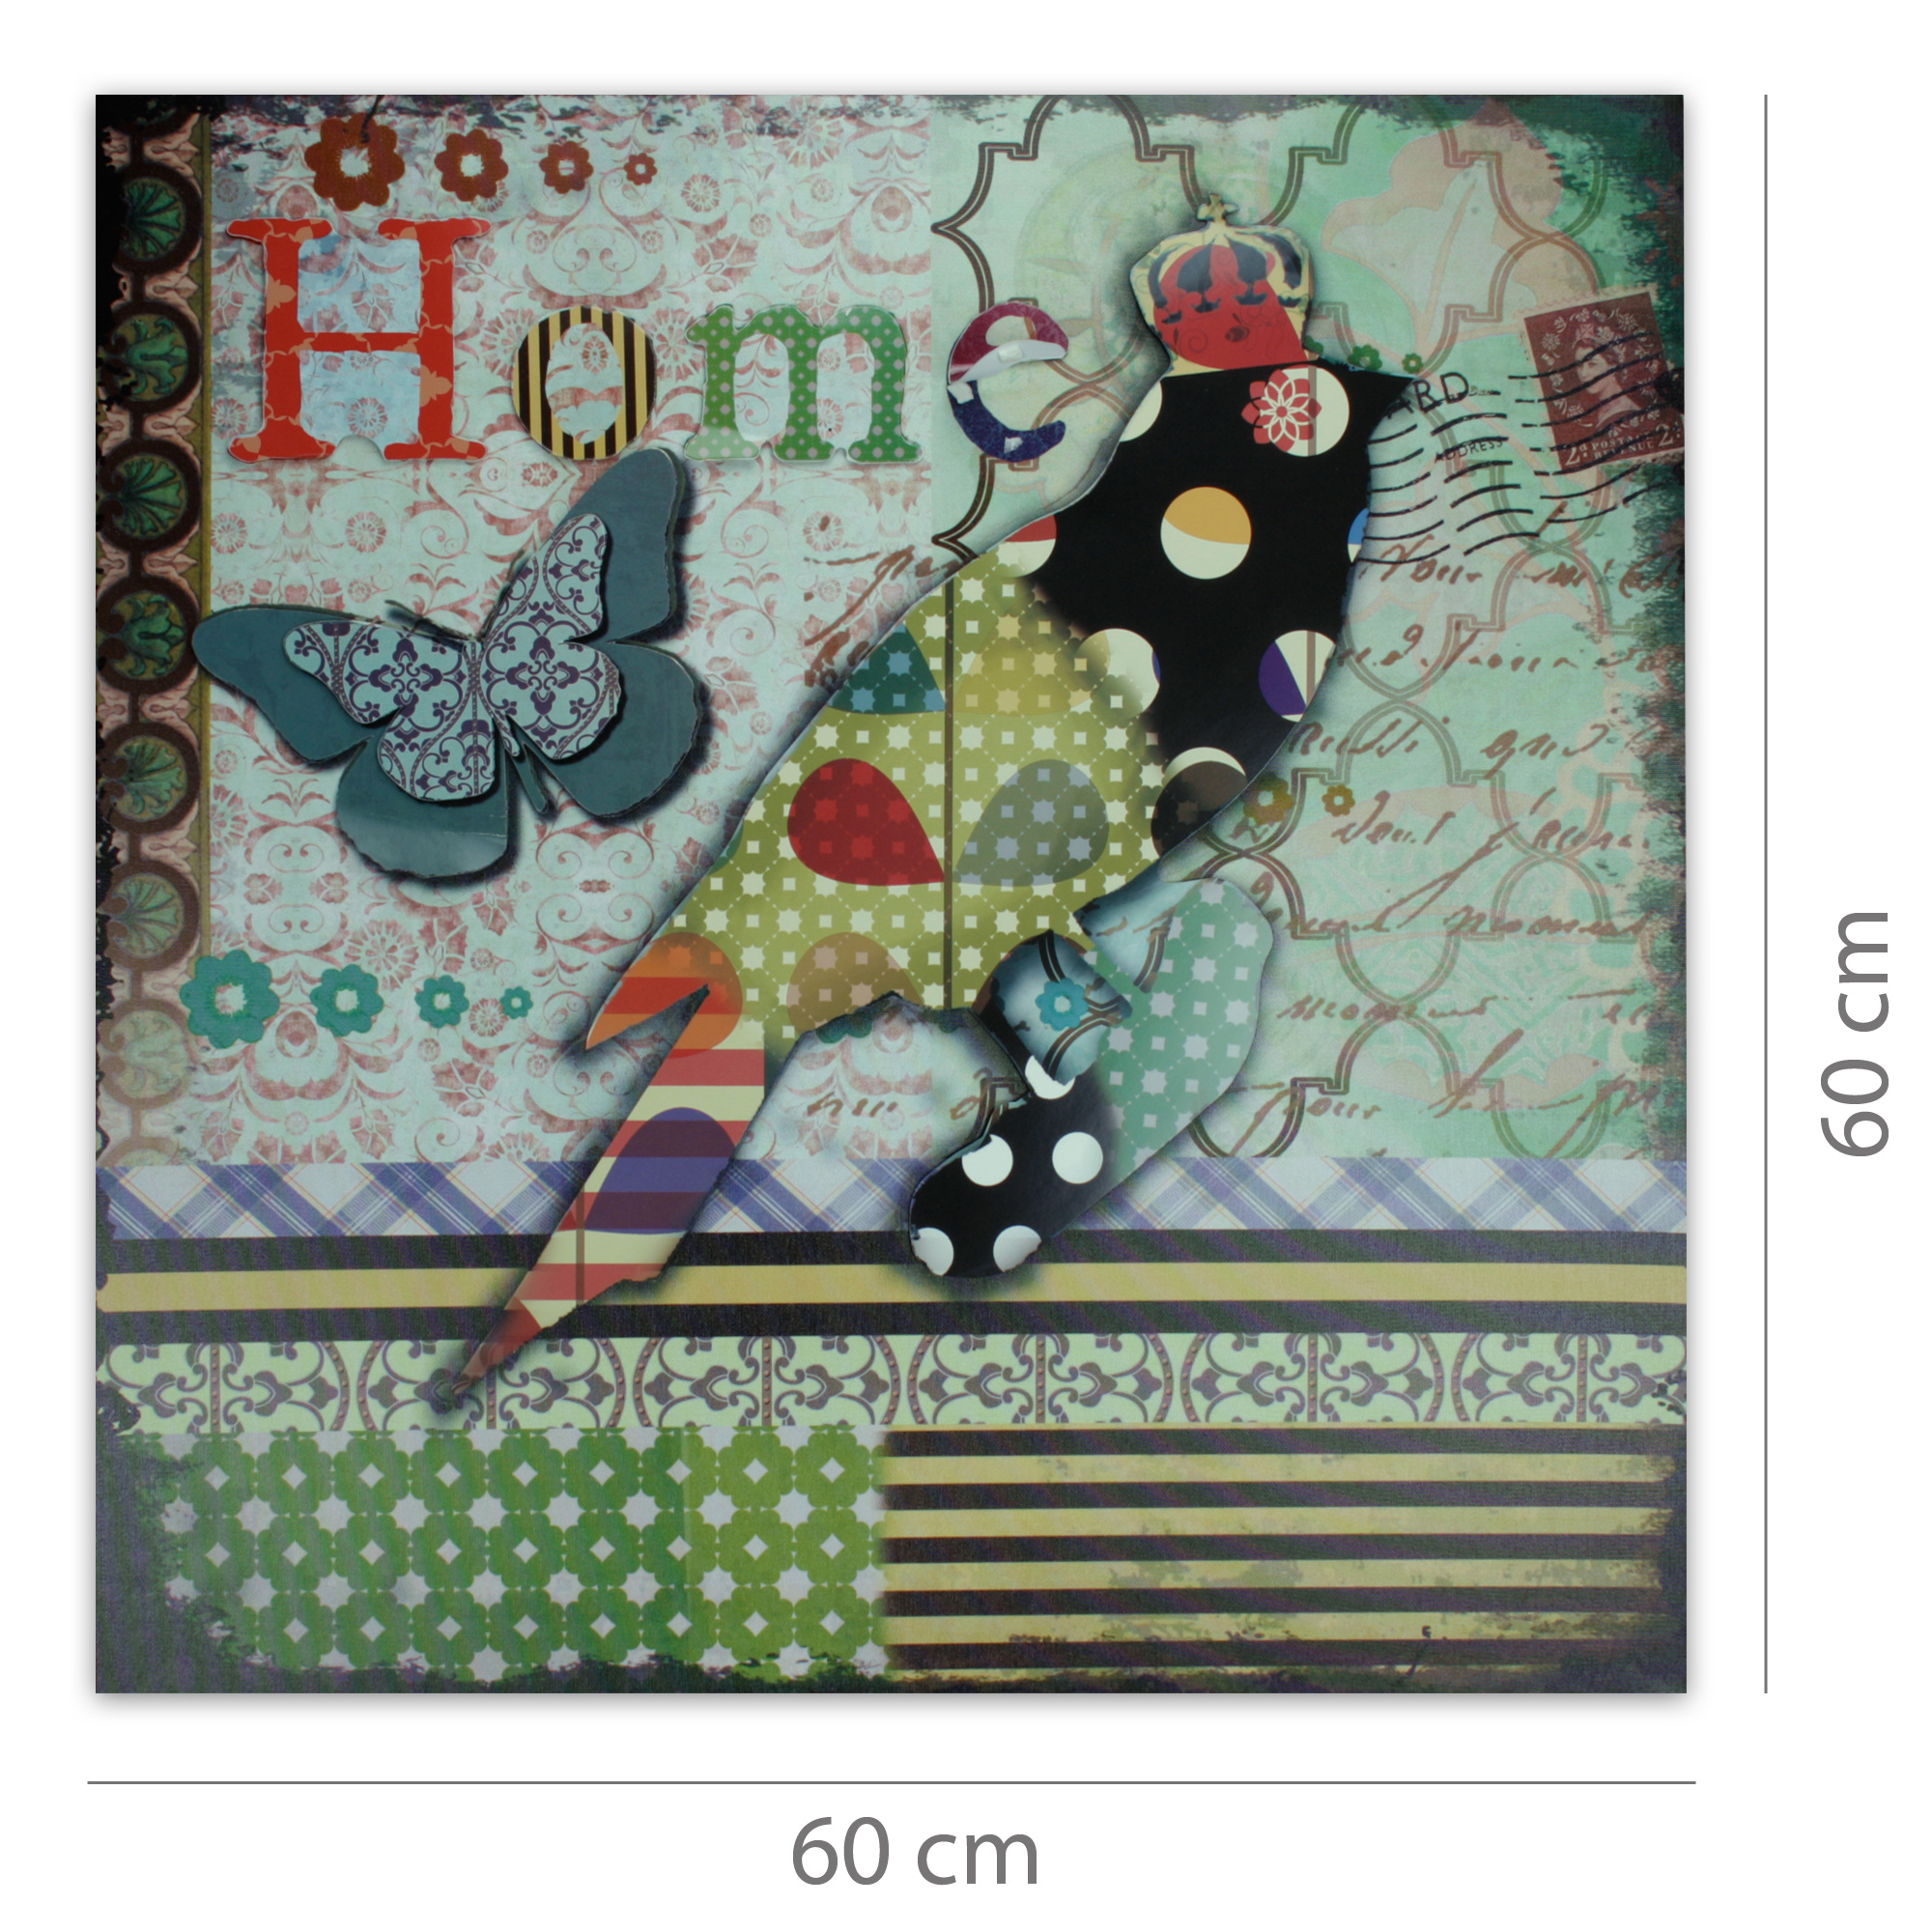 Moderner kunstdruck auf leinwand mit 3d applikationen 60 x 60 cm home vogel - Moderner kunstdruck leinwand ...